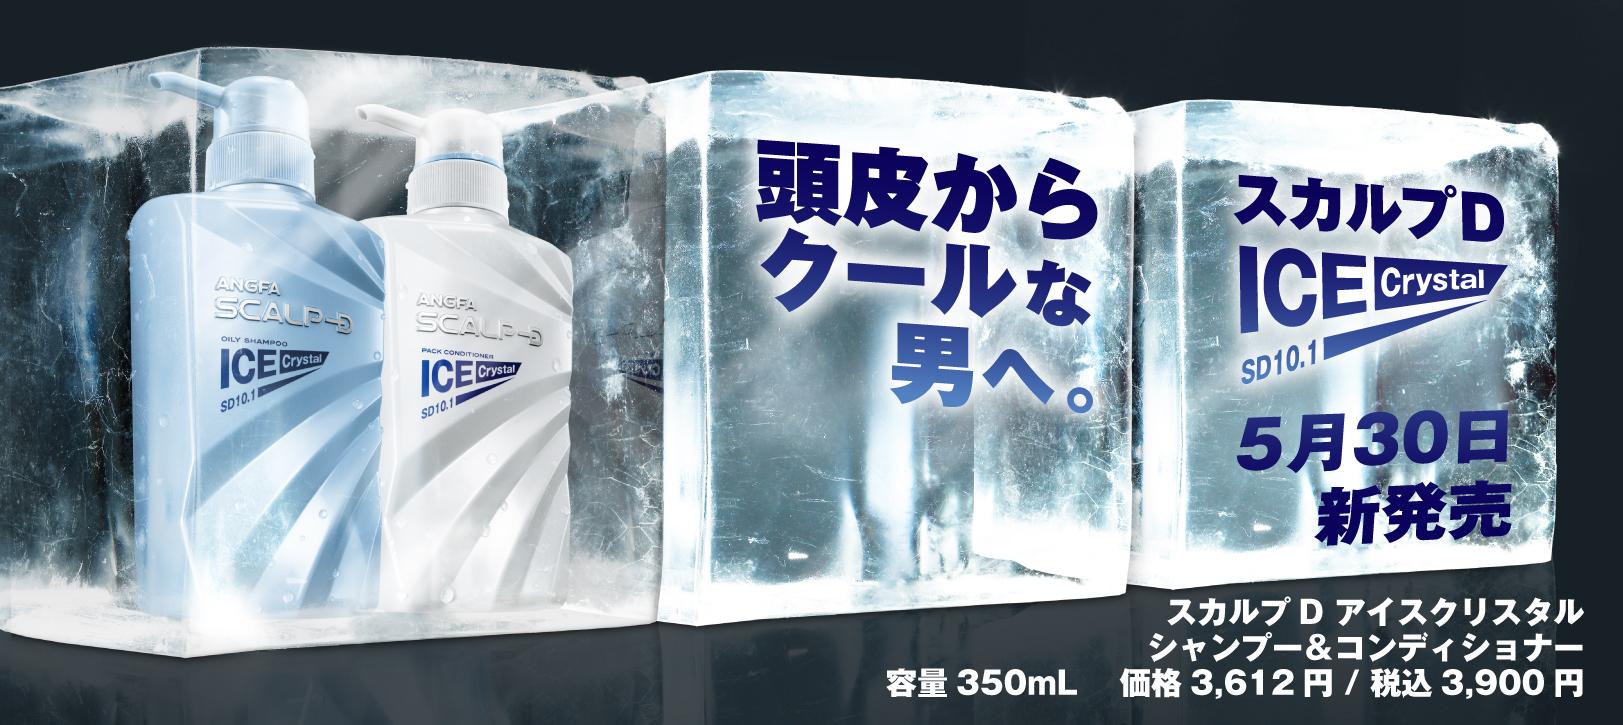 夏季限定のスカルプD!アイスクリスタル登場!